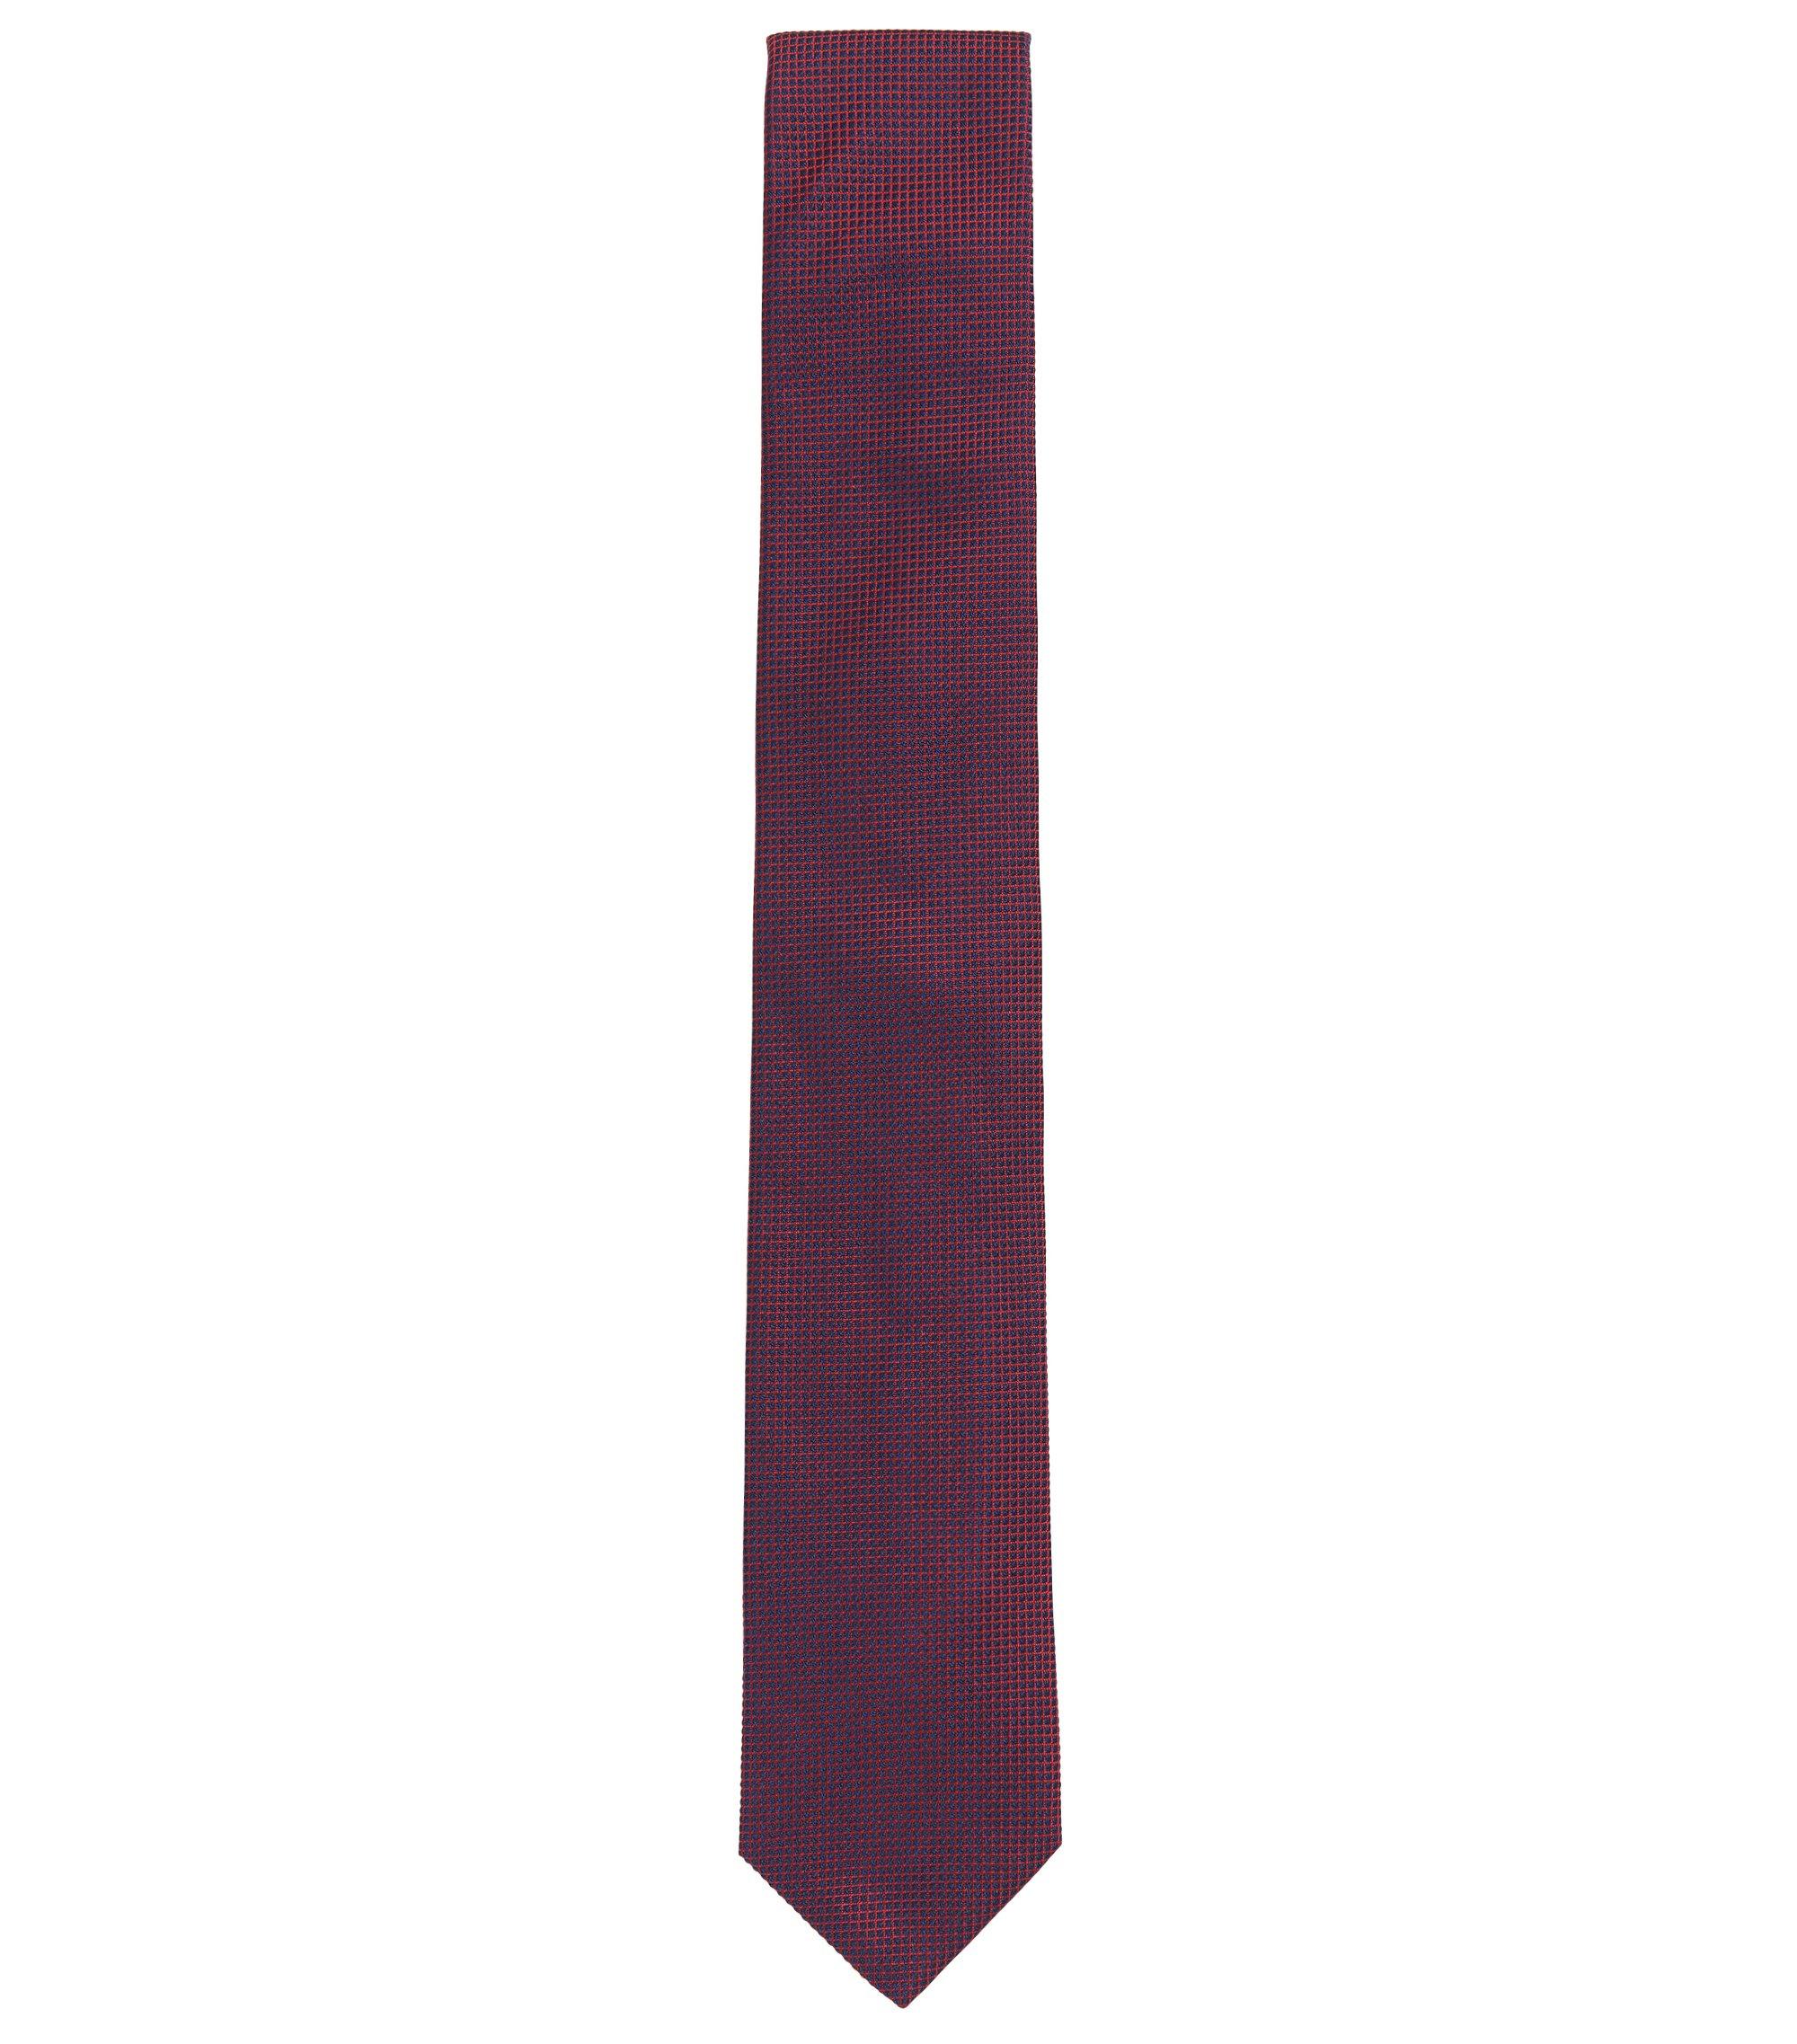 Krawatte aus Seiden-Jacquard mit grafischem Muster, Dunkelblau